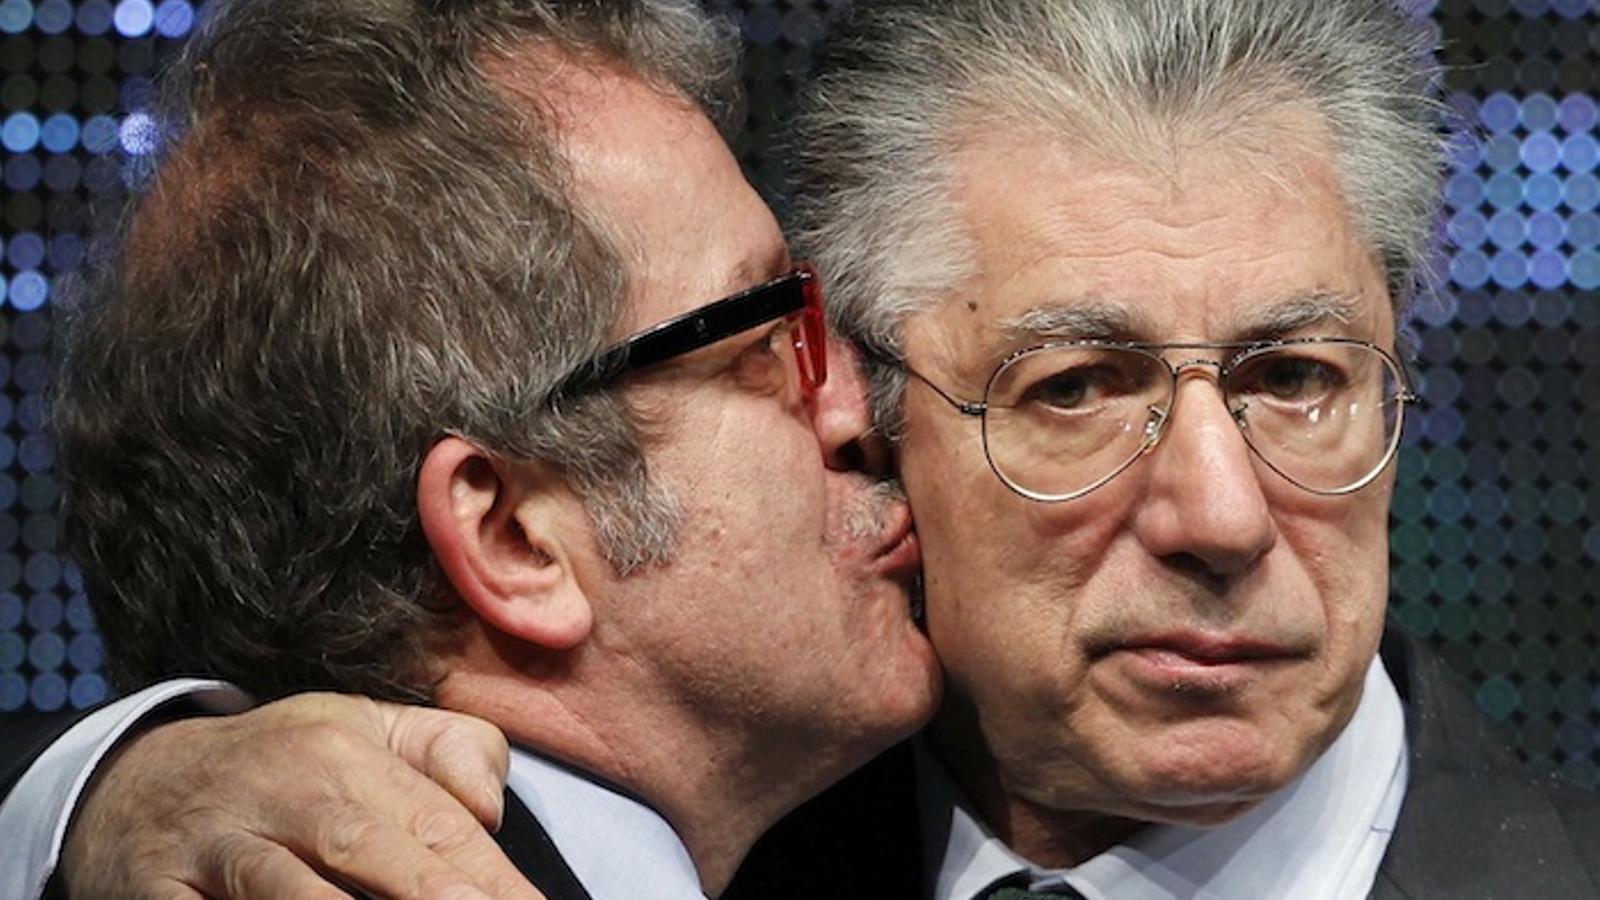 Umberto Bossi sobre la seva dimissió: Perdoneu, perquè el mal l'han fet persones que porten el meu cognom